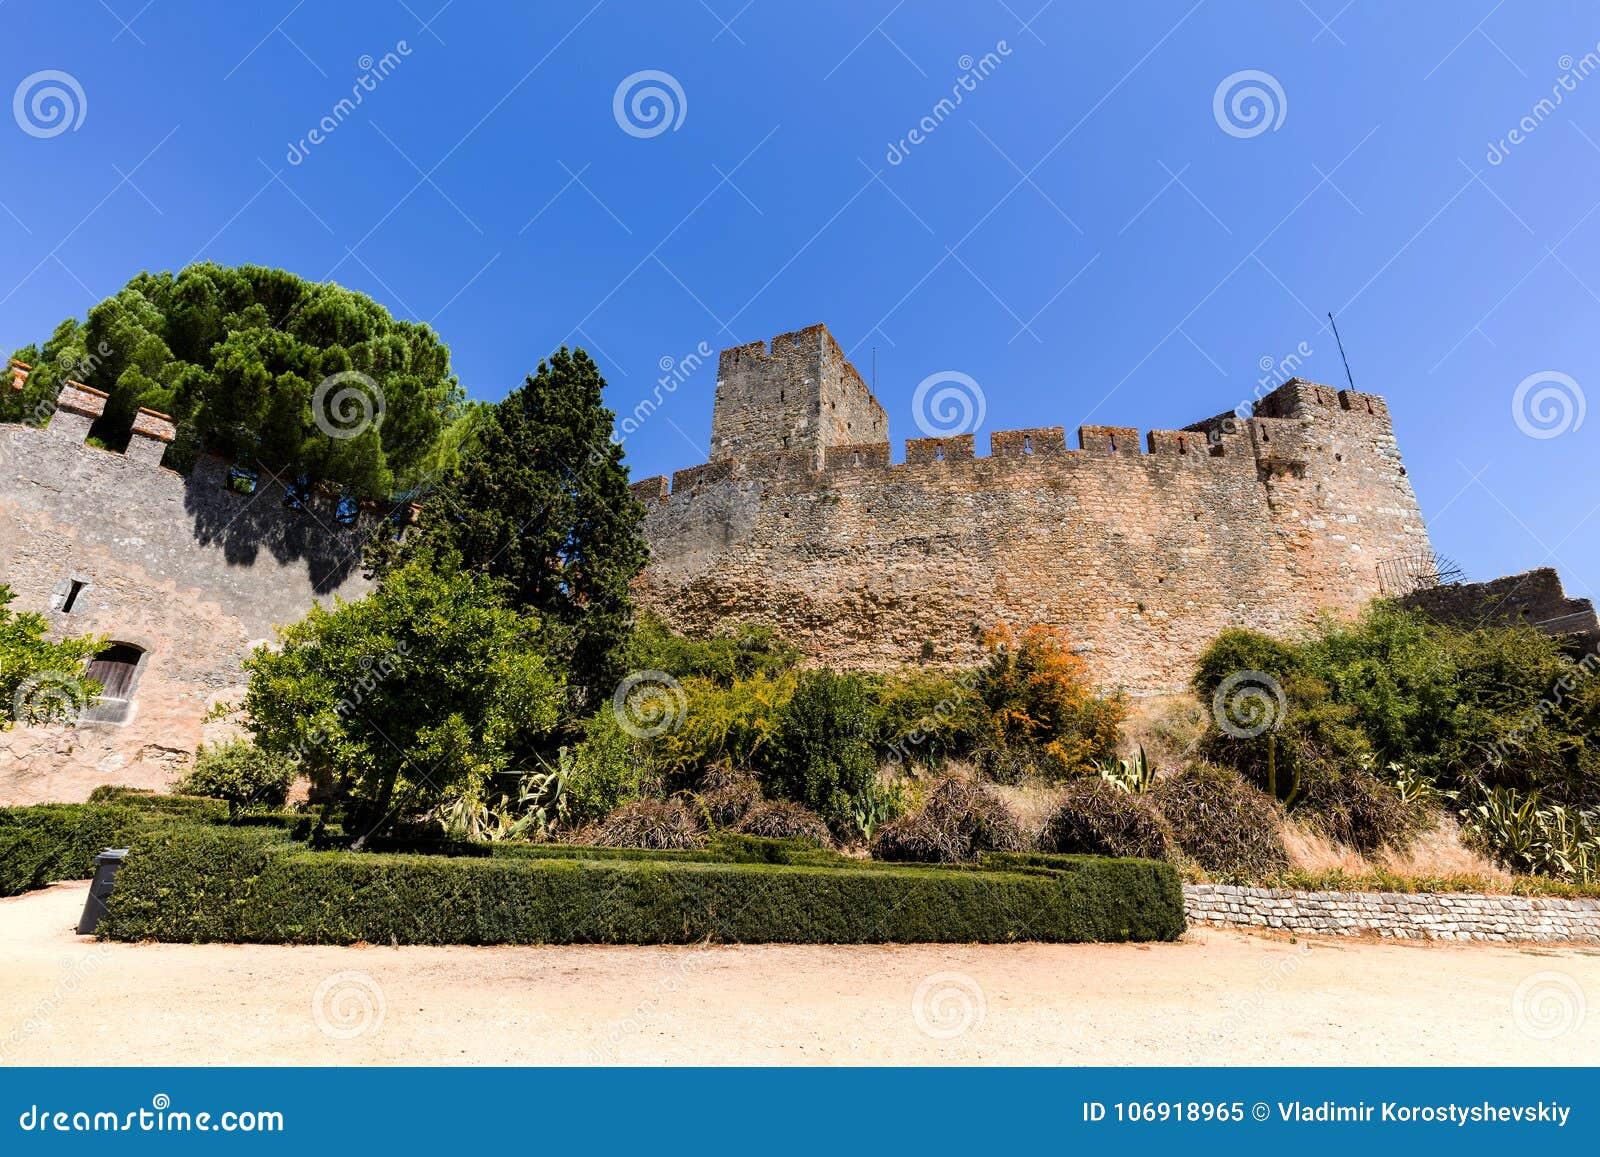 Kasztel rycerza templariusz w Tomar, Portugalia